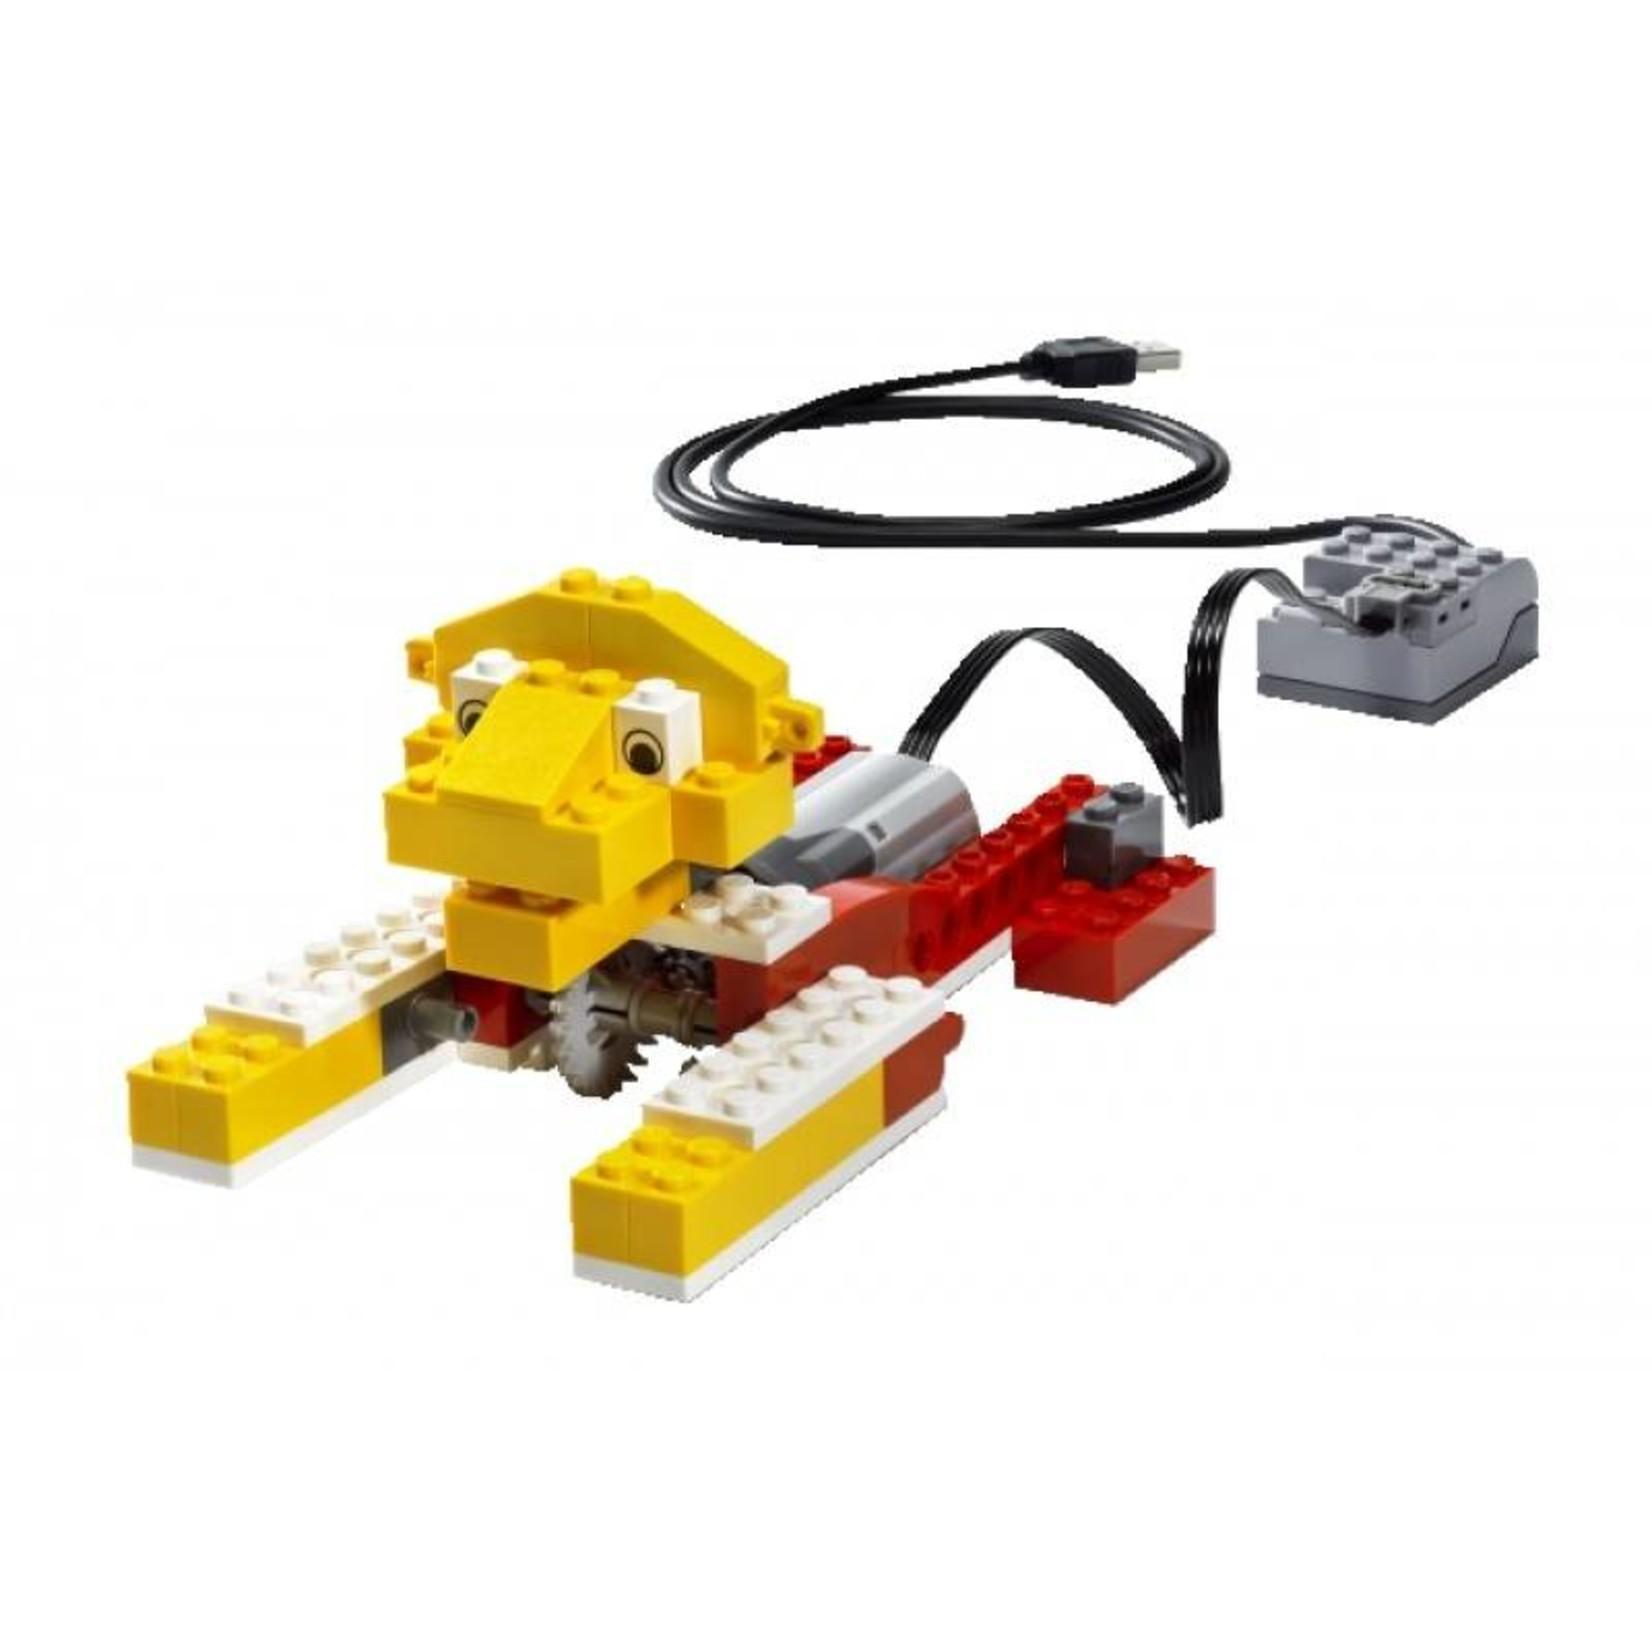 LEGO® Education WeDo basisset